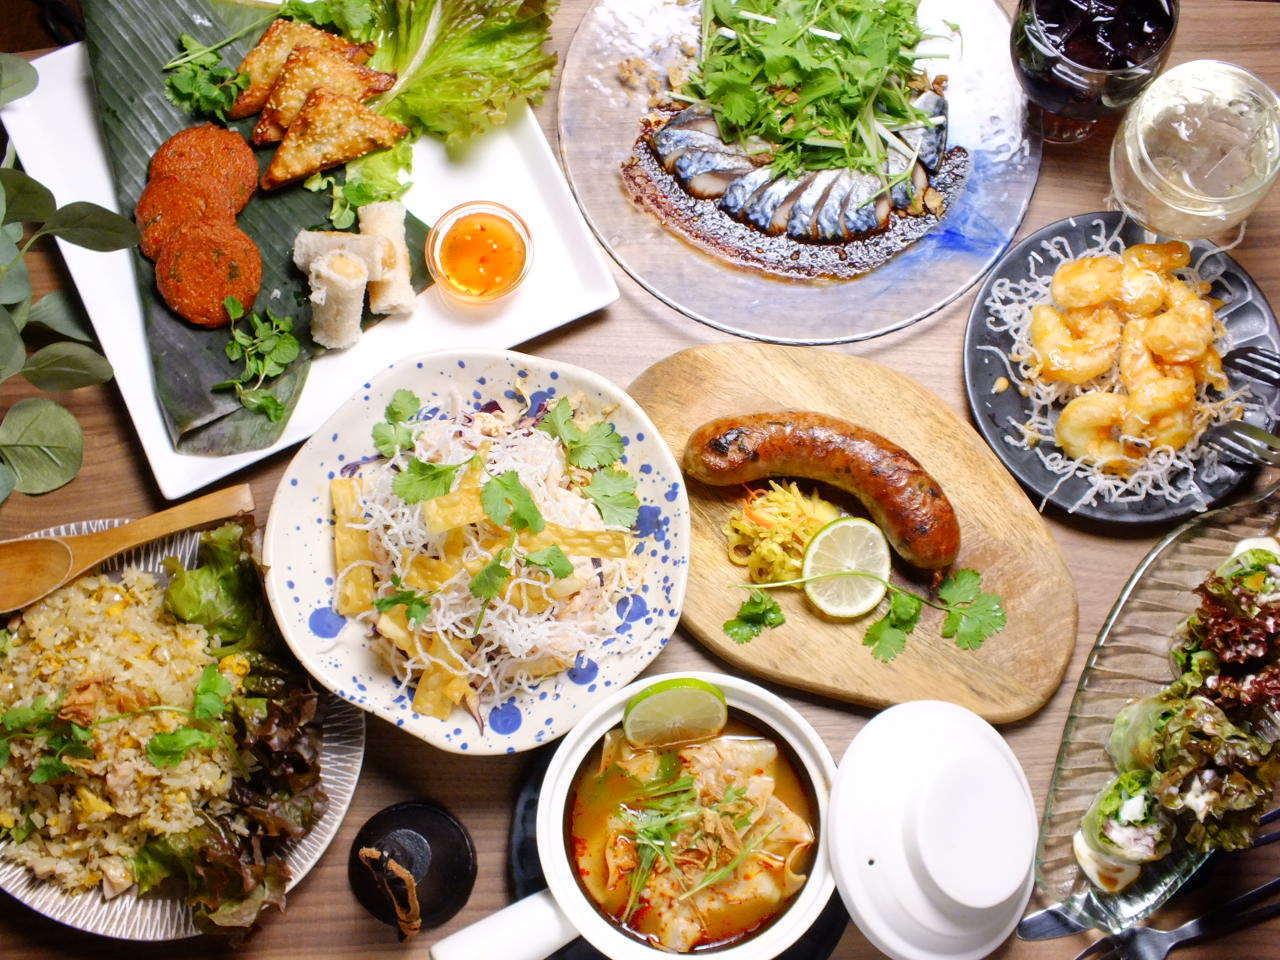 八王子の美味しいタイ料理屋さん7選!近くのお店でタイ旅行気分に♡の画像